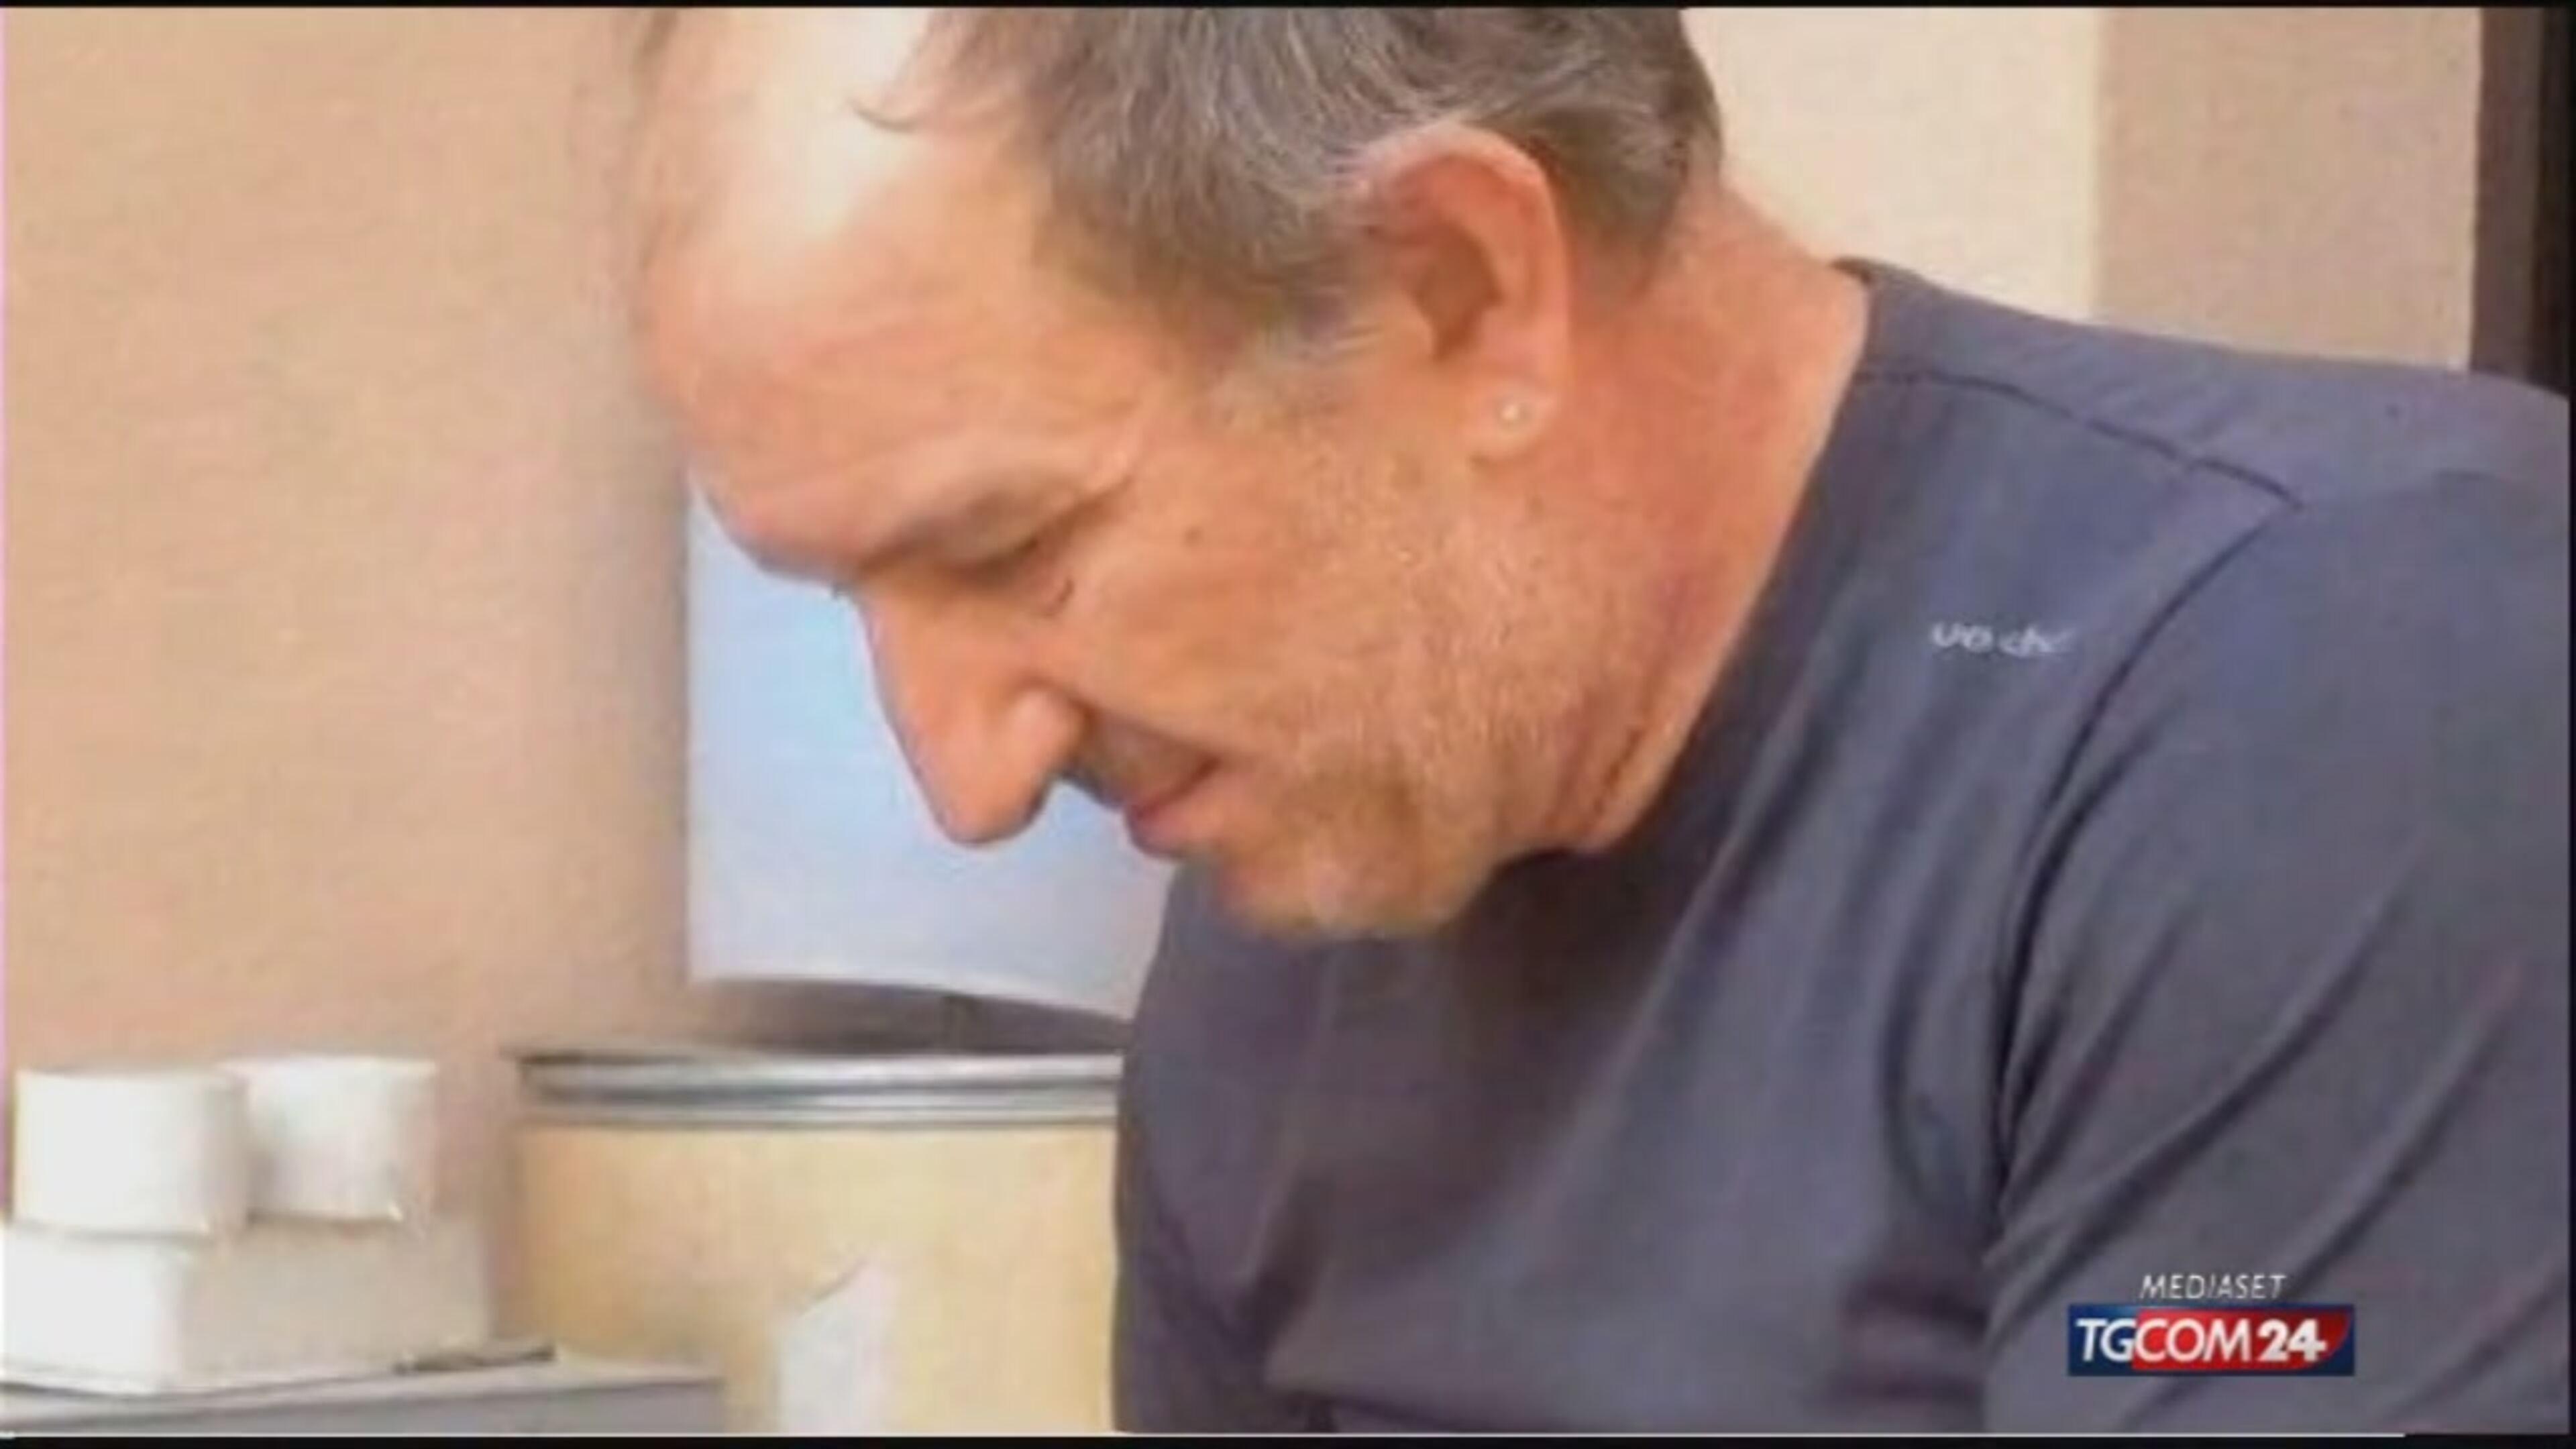 Giallo di Marcheno, spunta un tesoretto a casa dell'operaio suicida